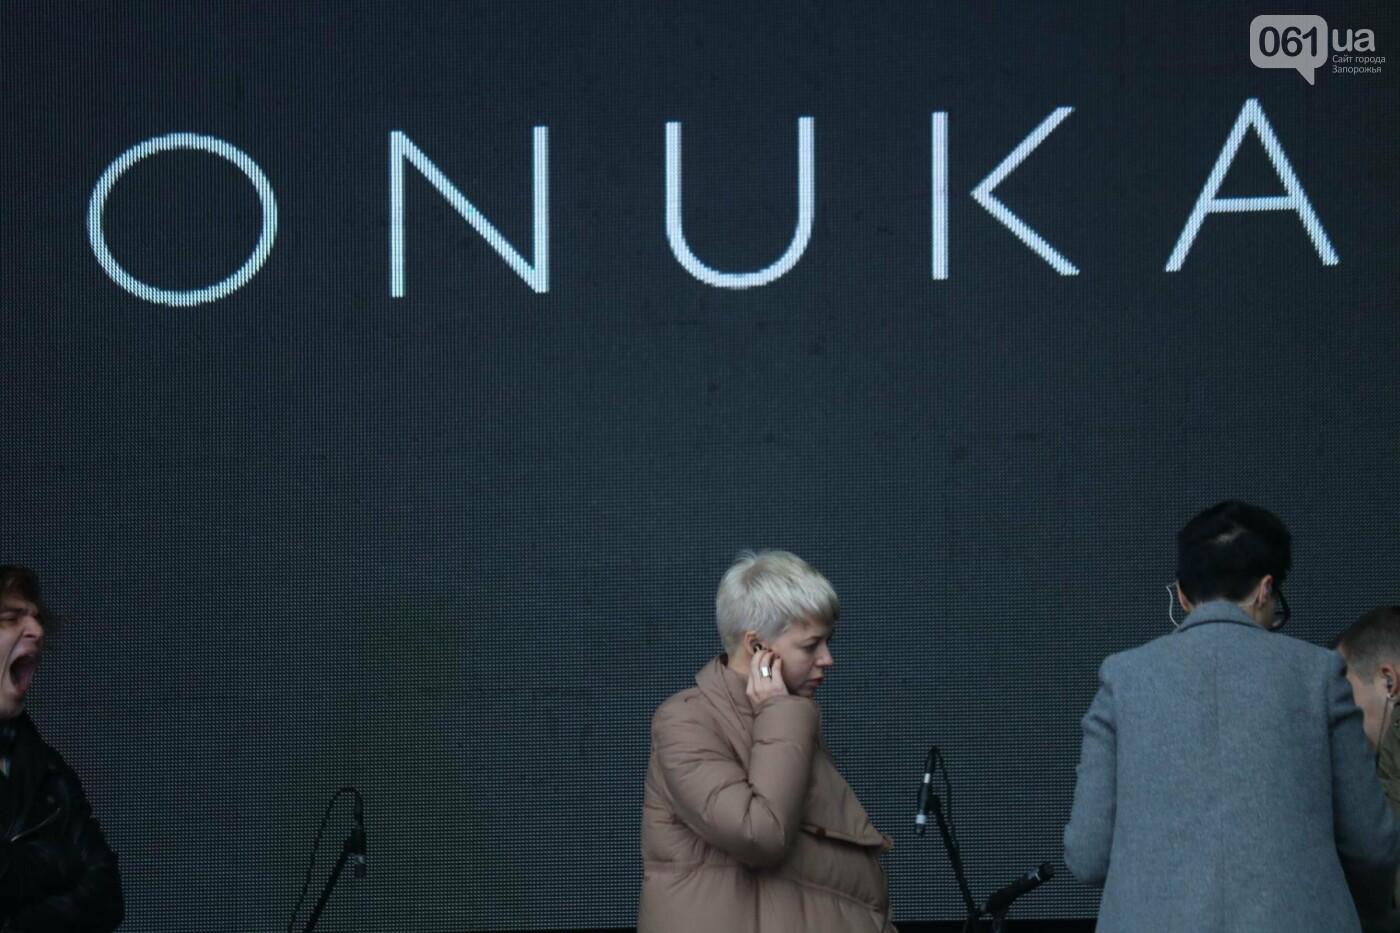 В парке Трудовой славы Onuka провела саундчек перед вечерним концертом, - ФОТО , фото-19